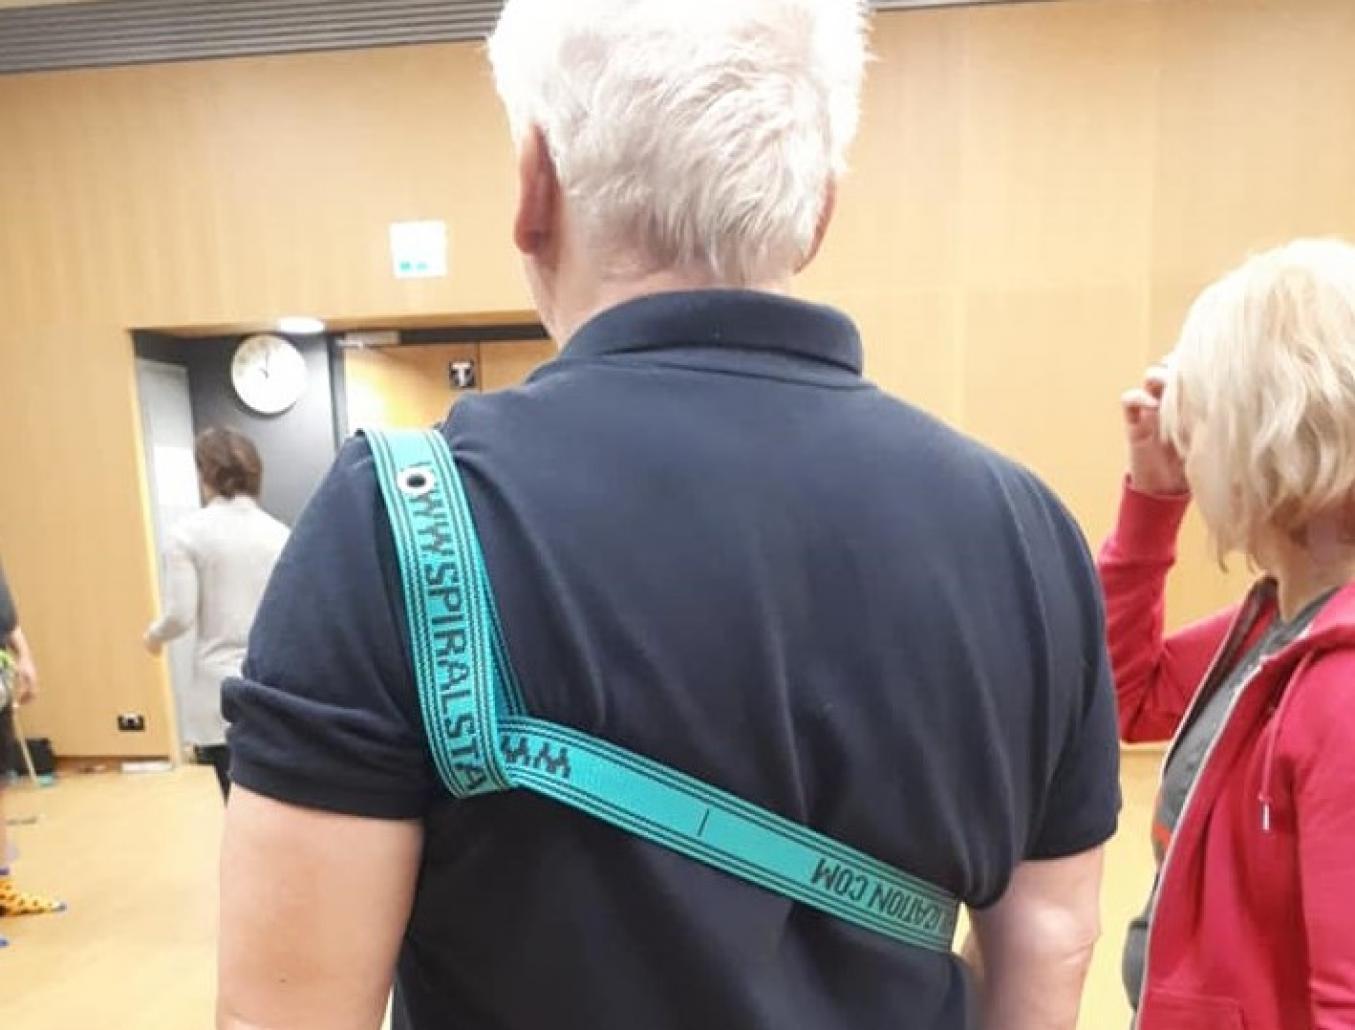 """Mies seisoo selin kameraan, ja hänen ylävartalonsa ympärille on kiedottu kuminauha, jossa lukee """"spiraalistabilaatio""""."""